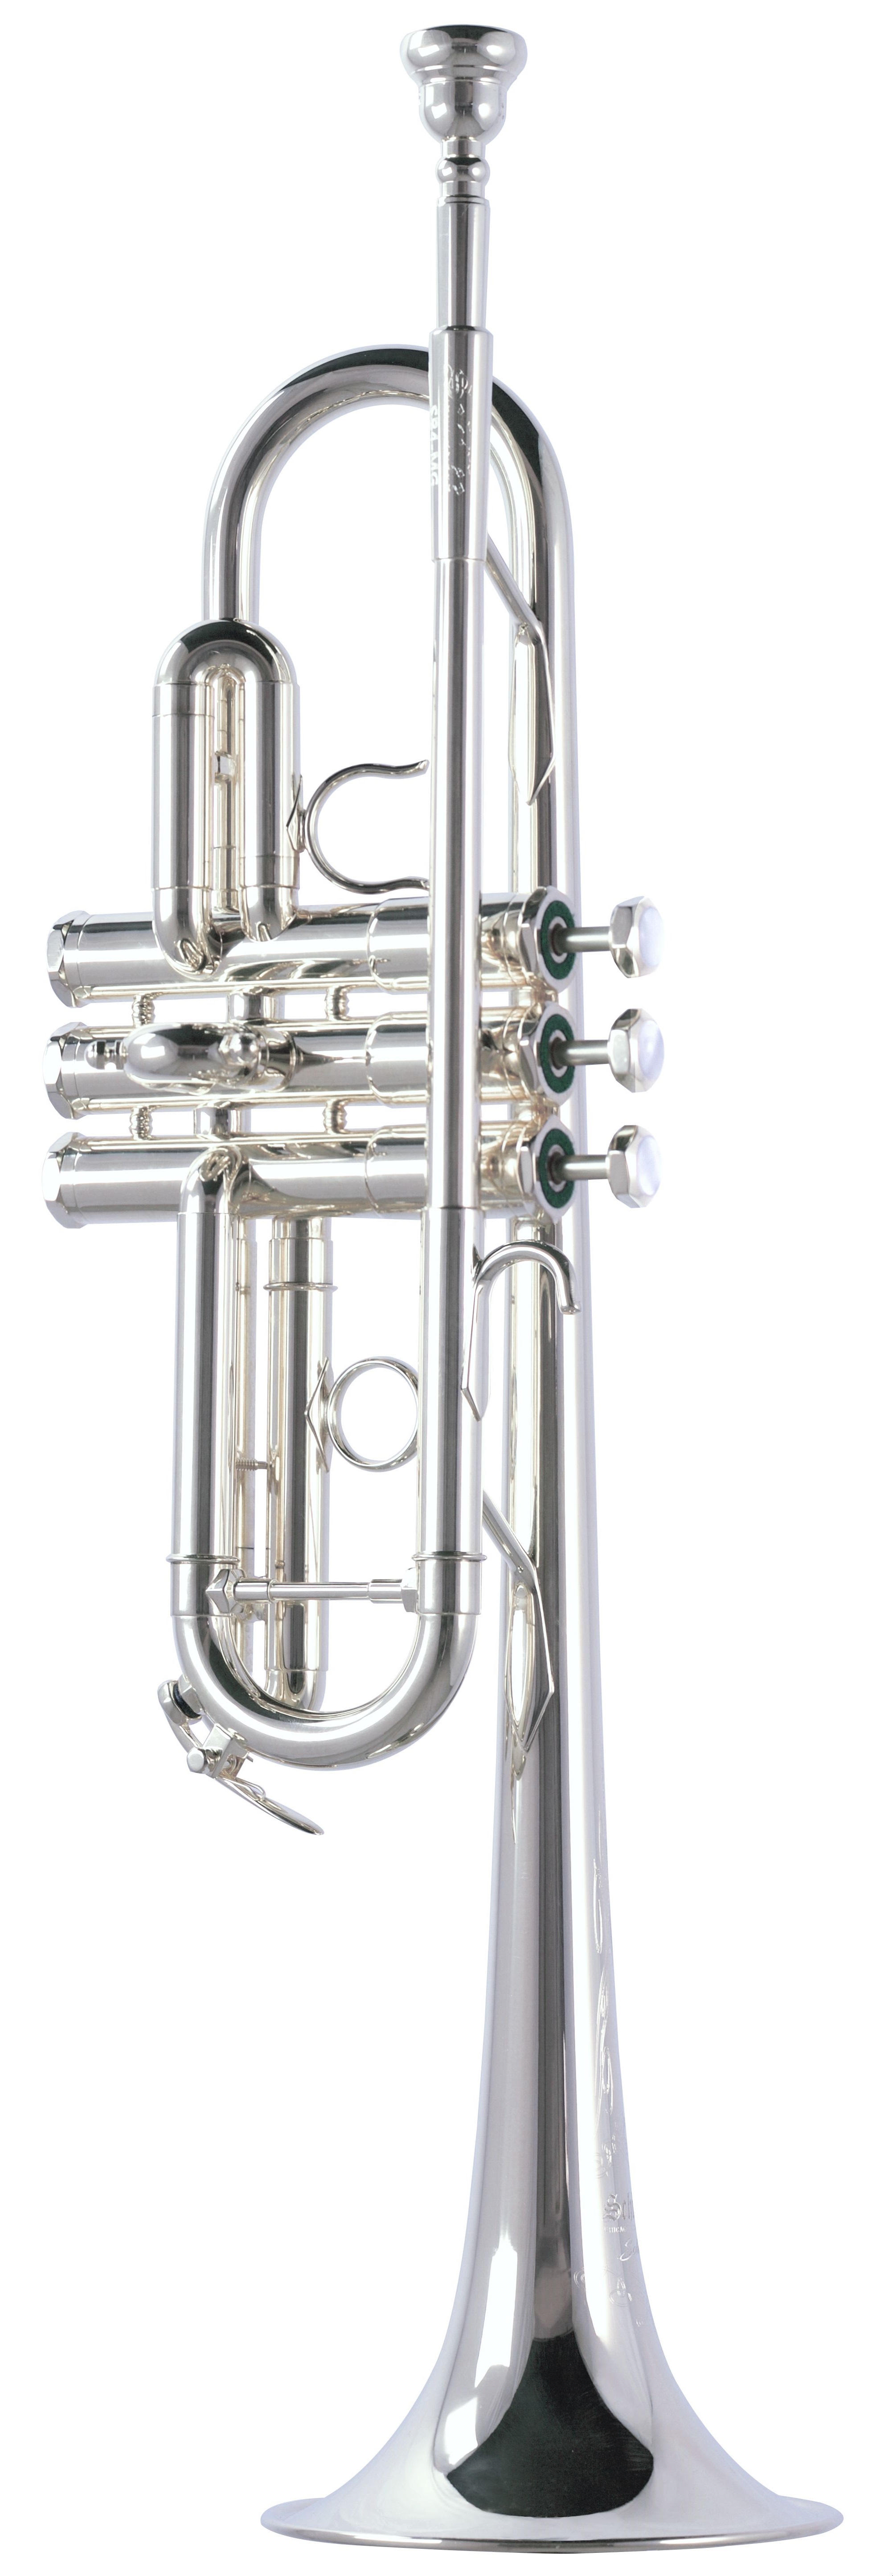 Schilke - SC4 - MG - S Soloiste - Marc Geujon - Blechblasinstrumente - Trompeten mit Perinet-Ventilen | MUSIK BERTRAM Deutschland Freiburg